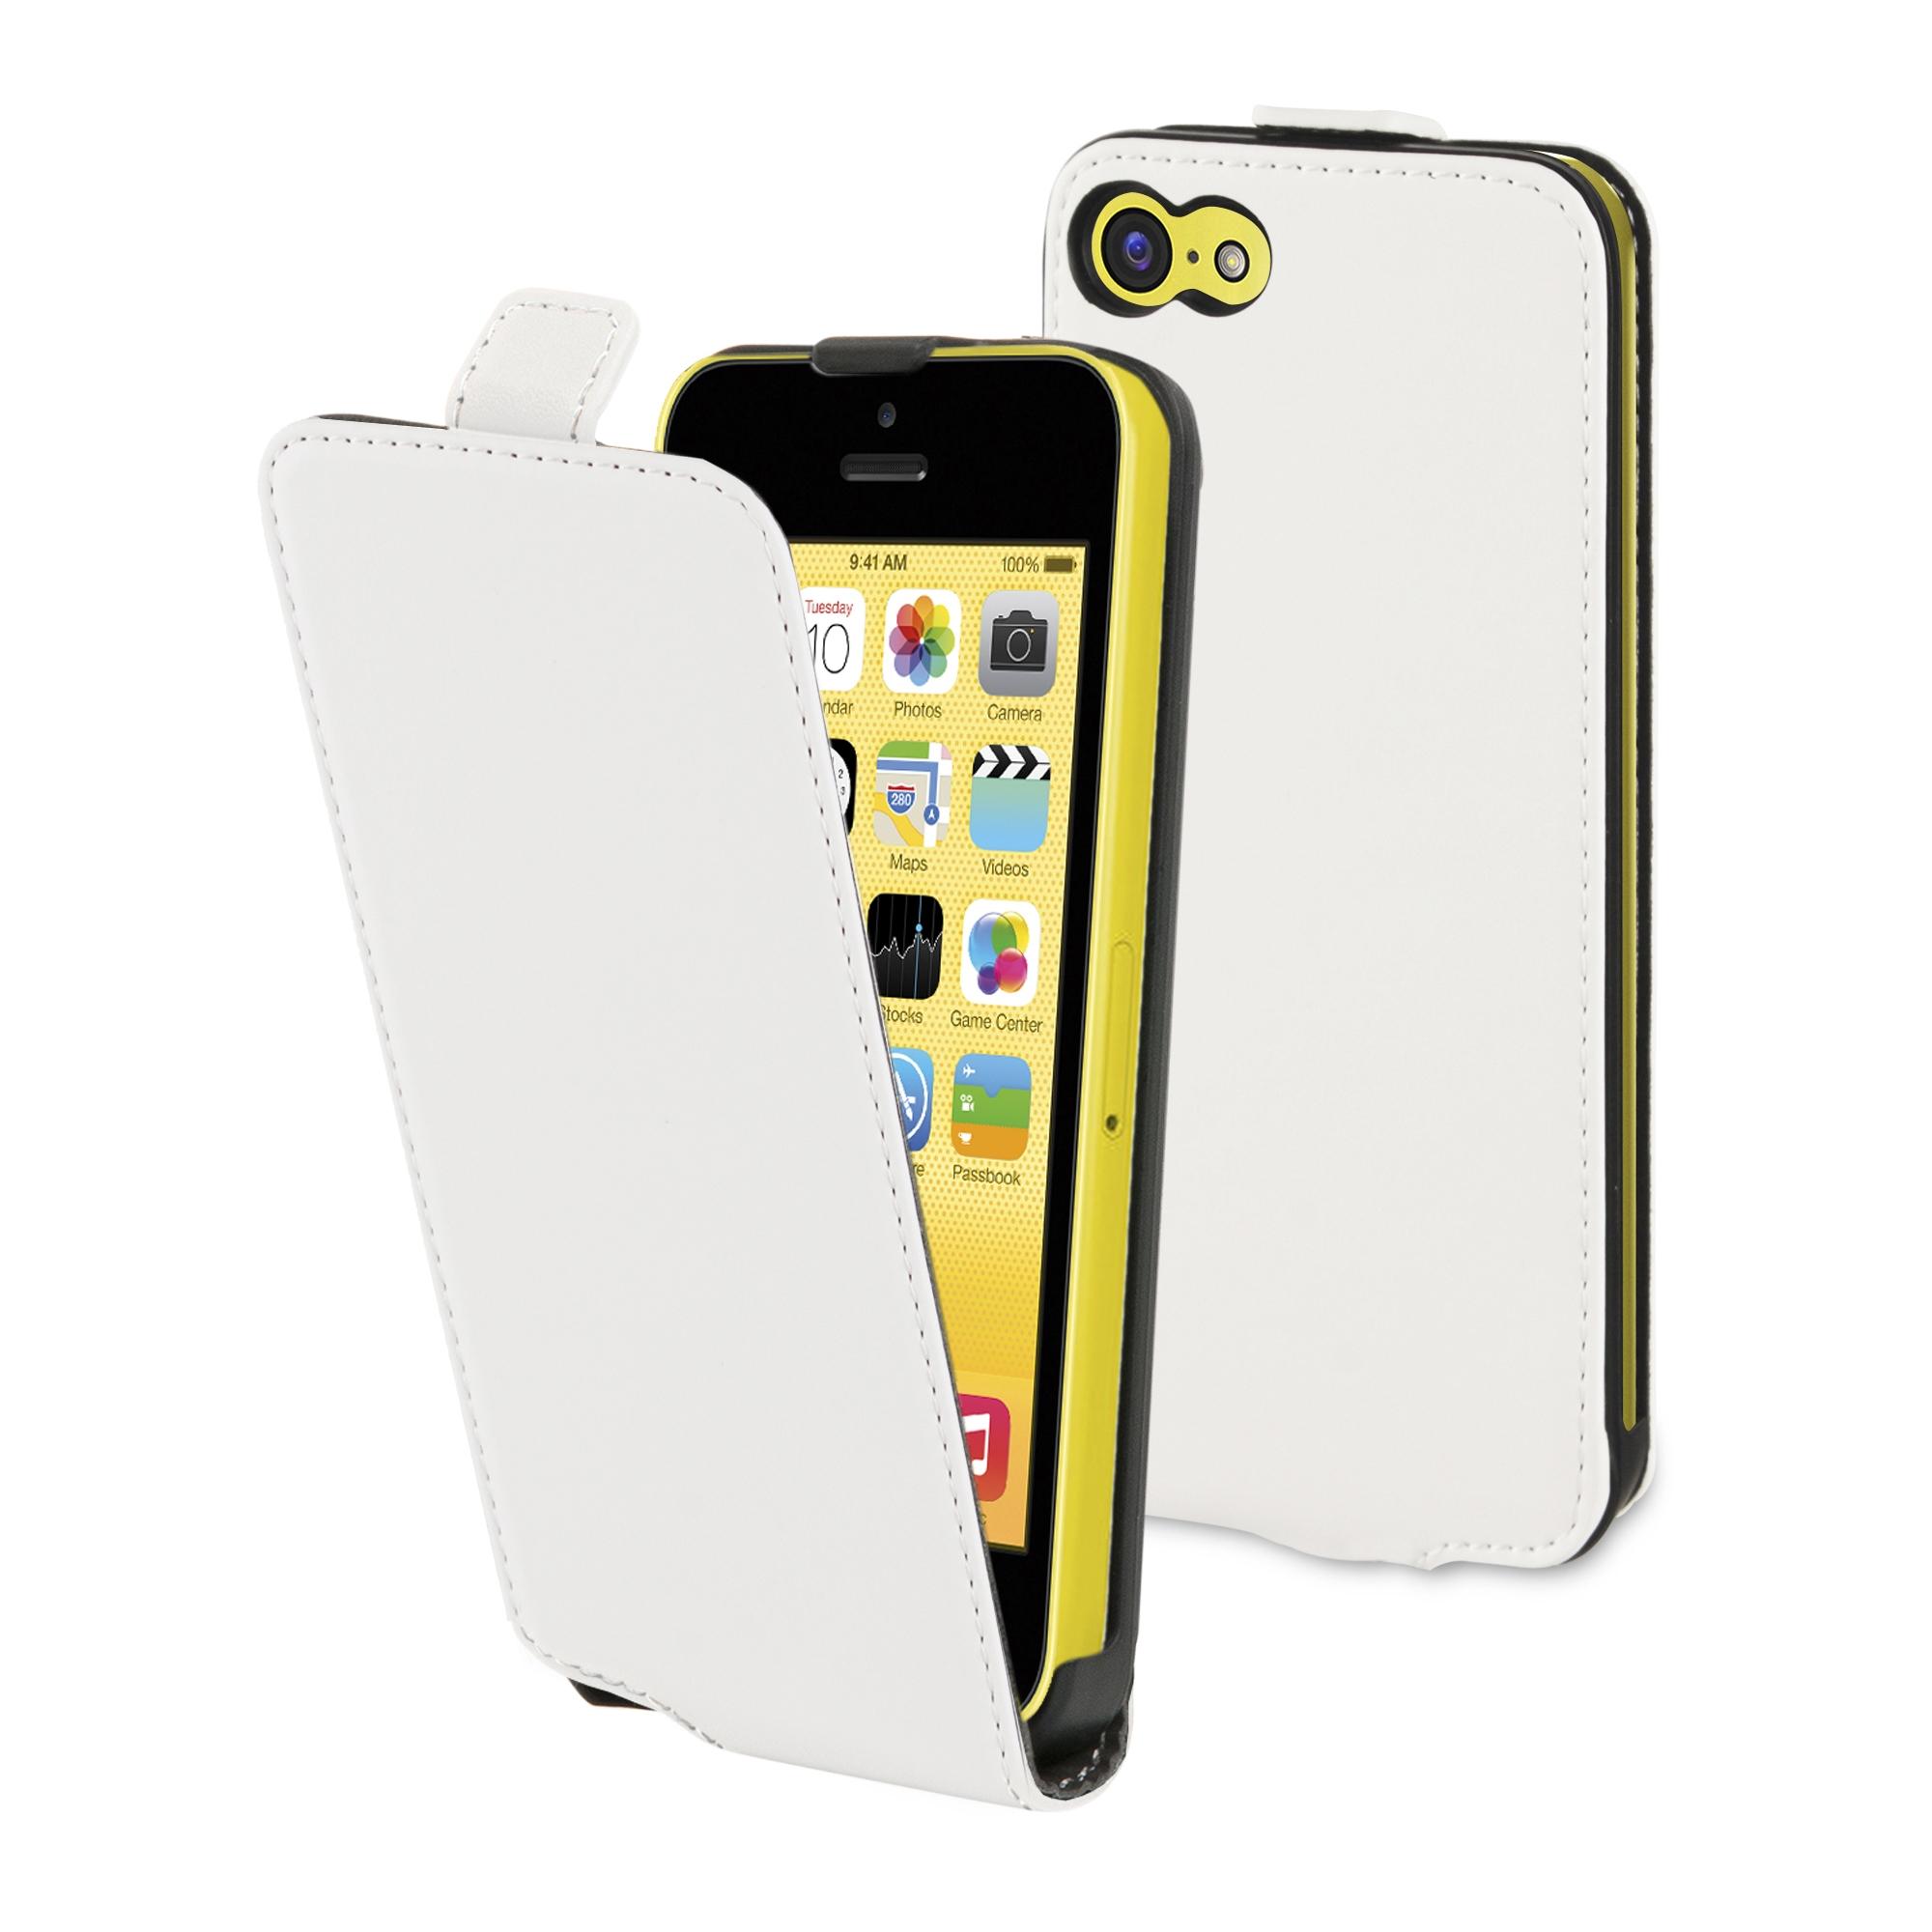 Etui flap Muvit iPhone 5C blanc